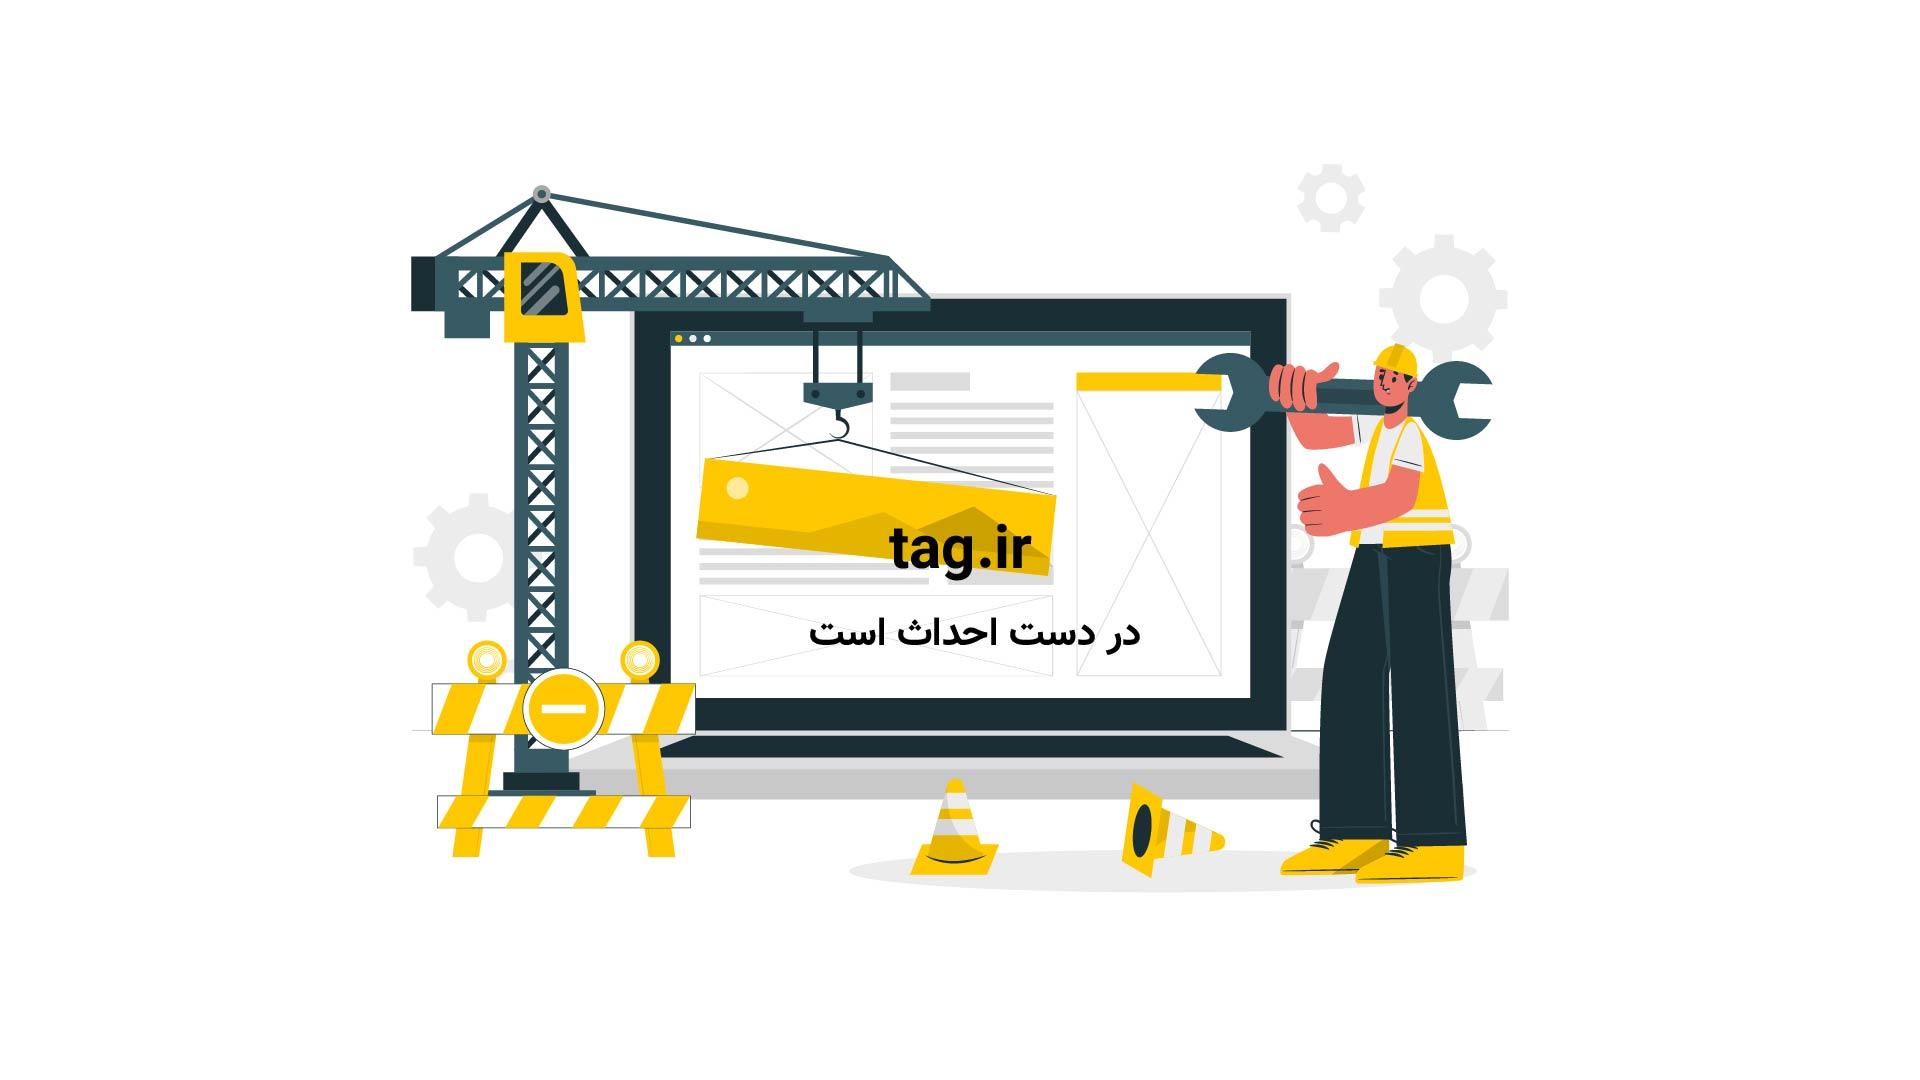 دوچرخه | تگ